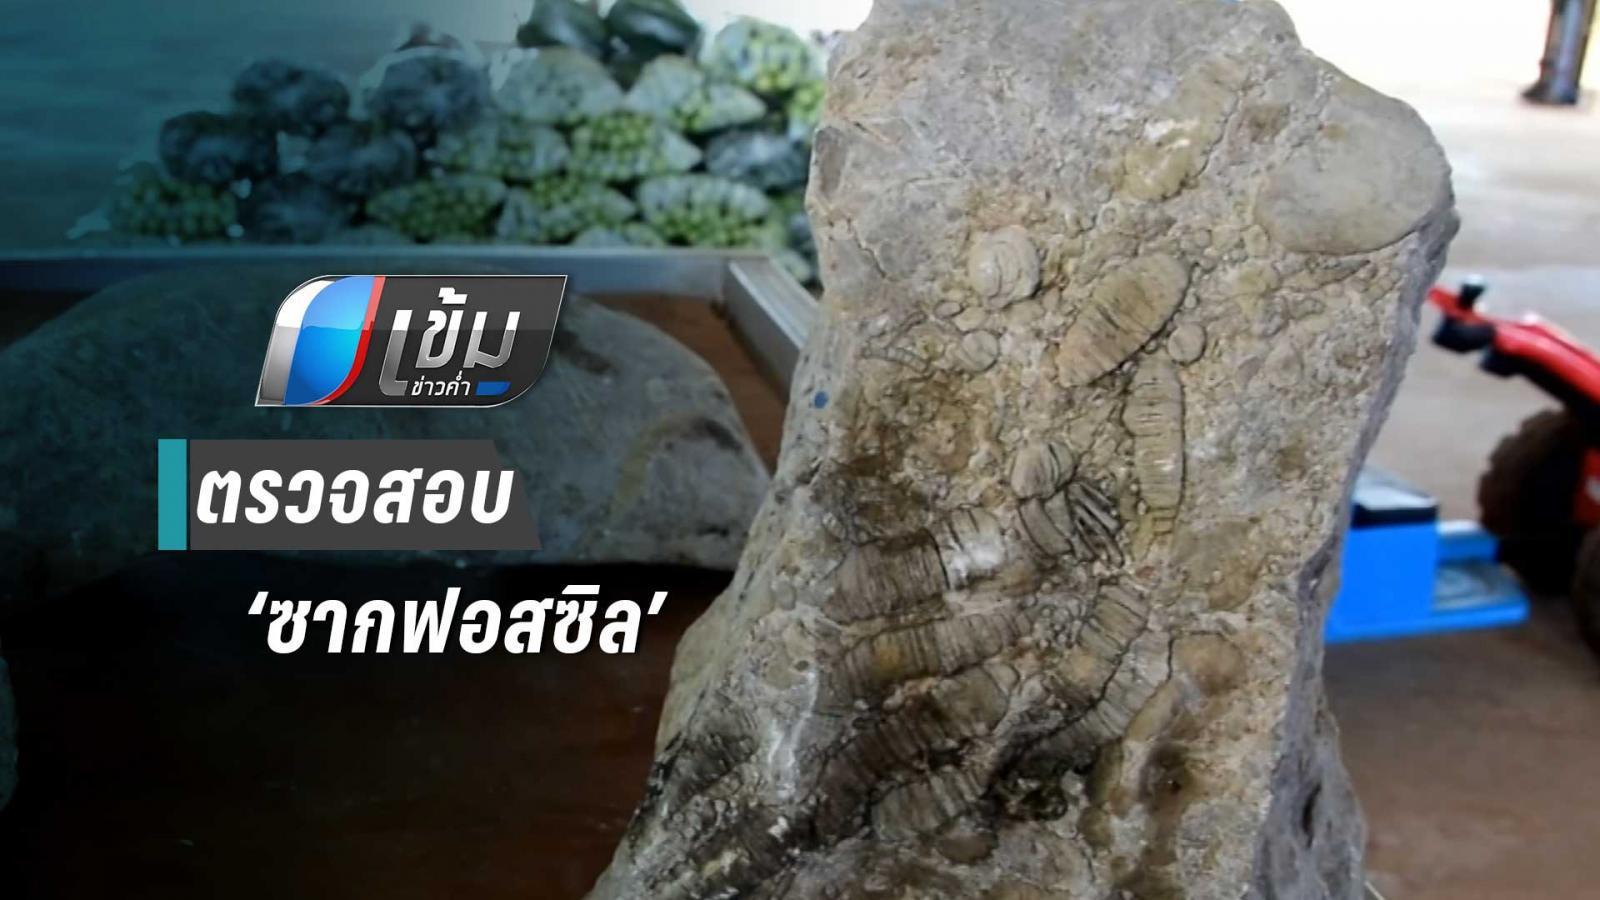 ชาวบ้านพบซากฟอสซิลยุคเพอร์เมียนก่อนไดโนเสาร์สภาพสมบูรณ์